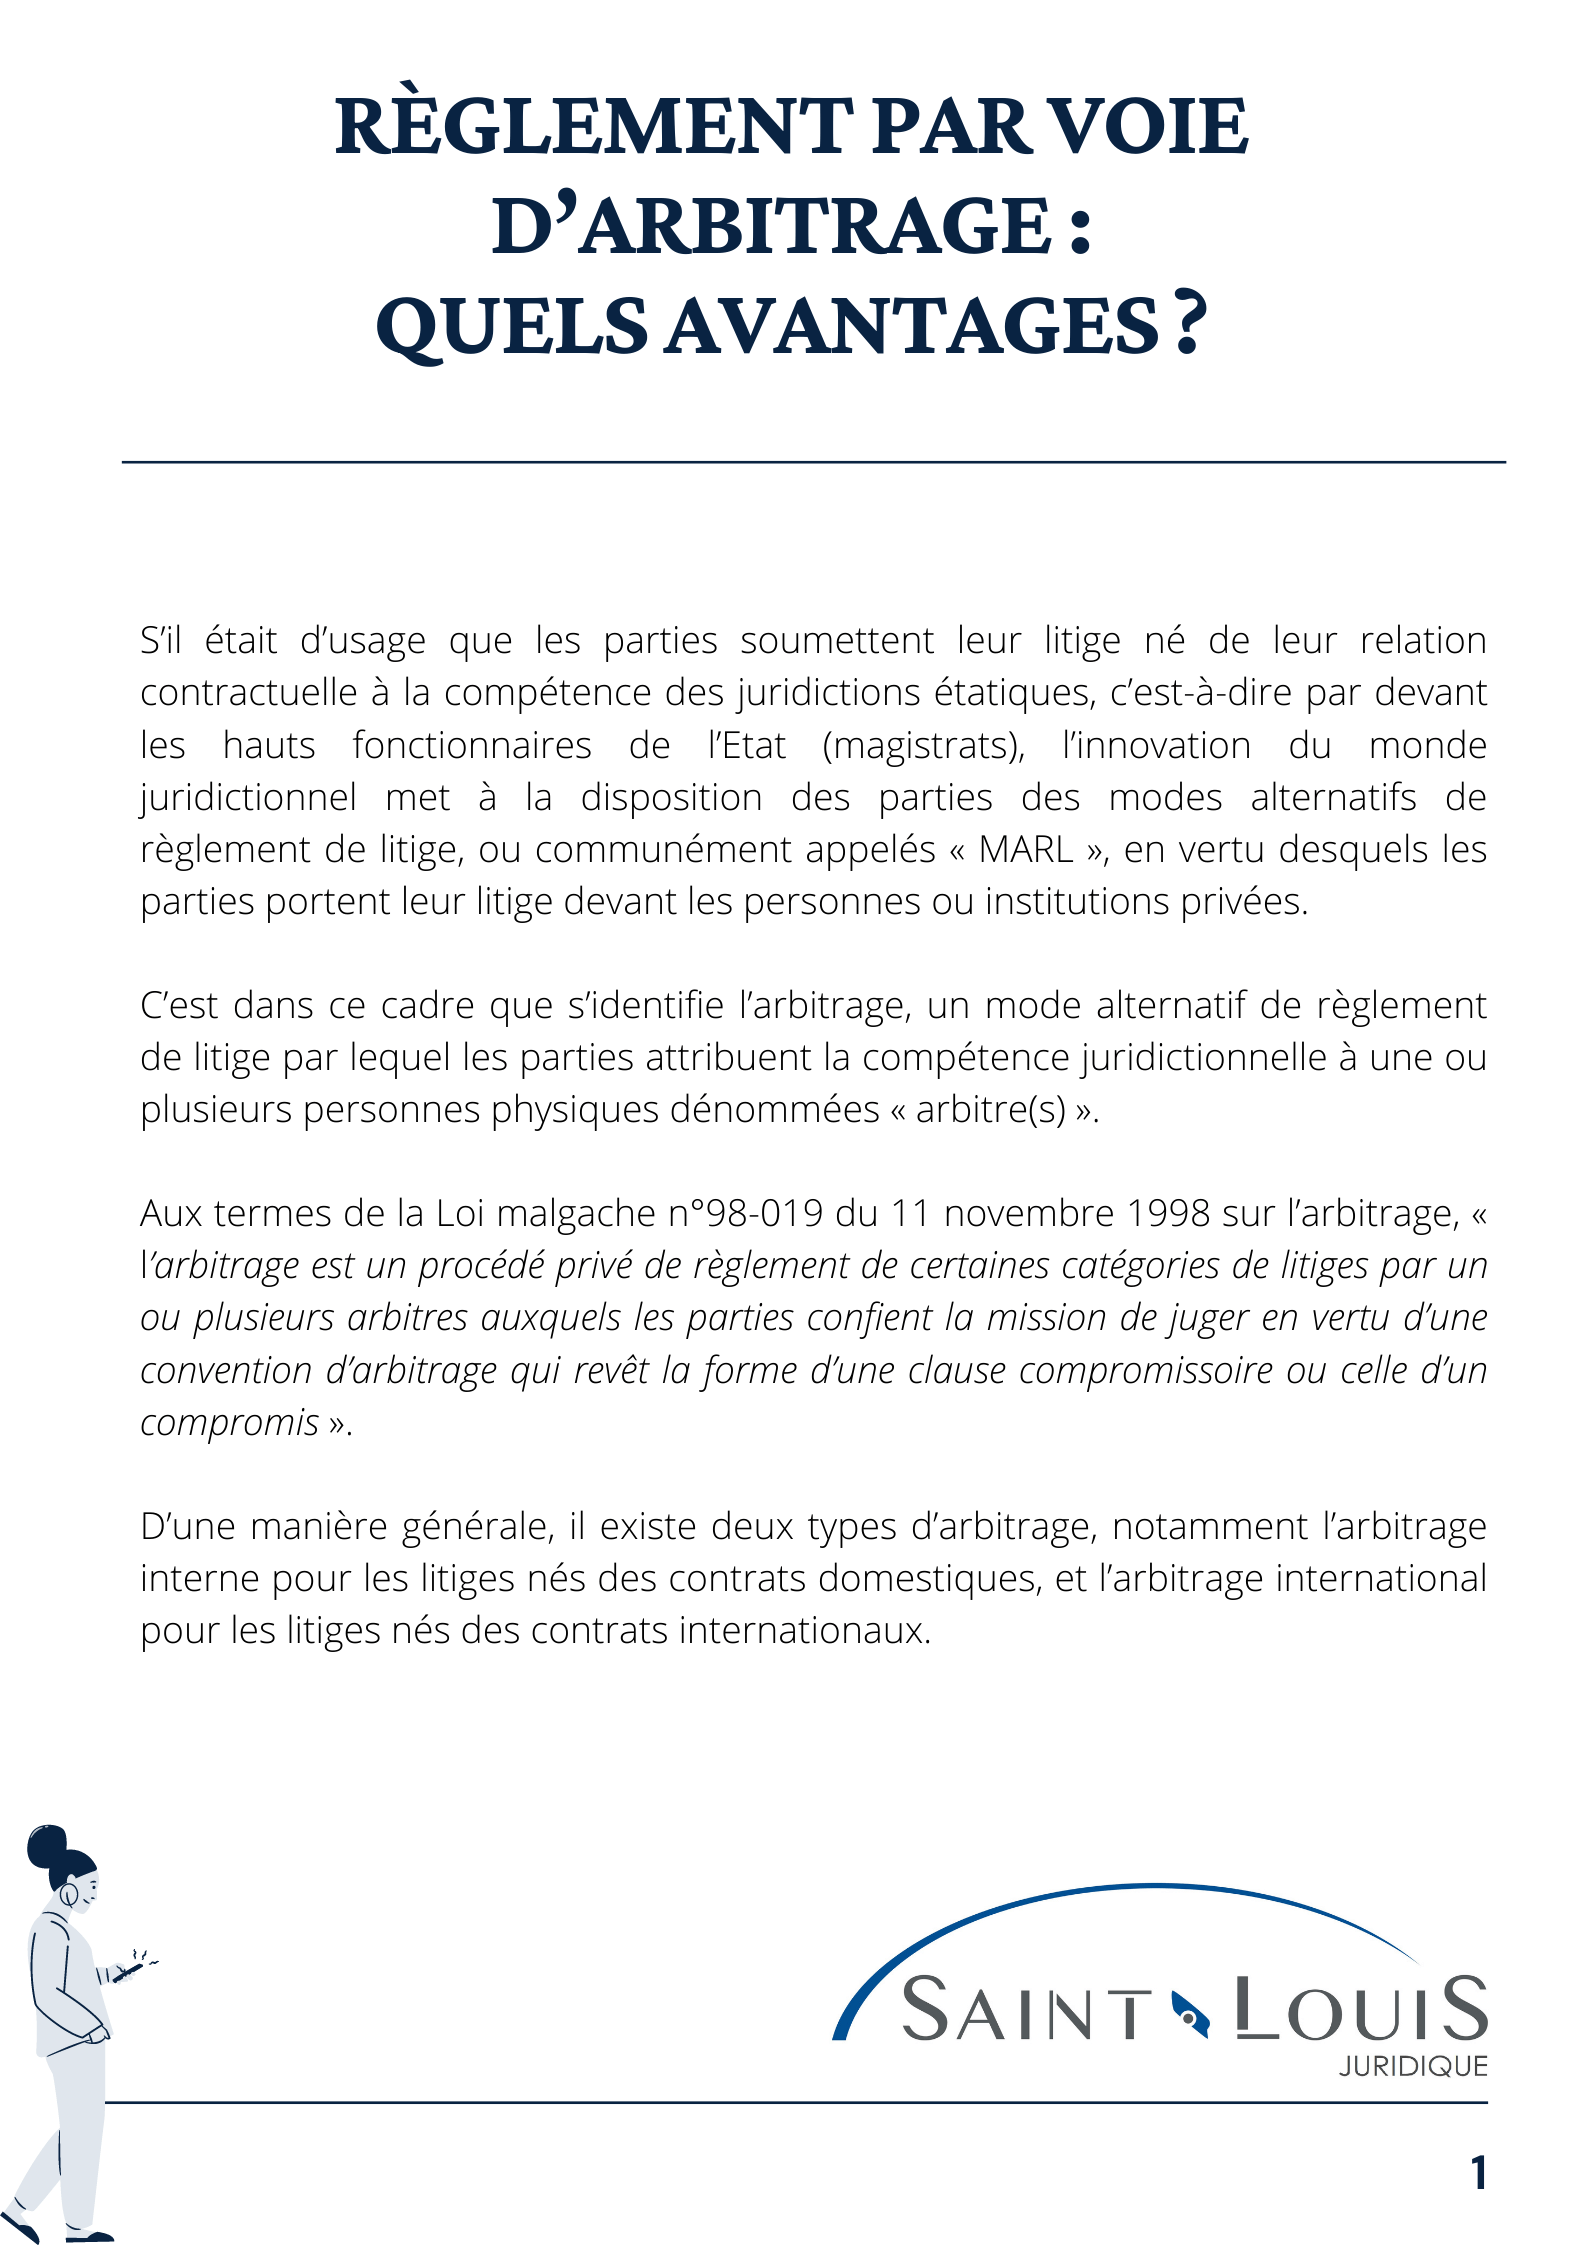 Règlement par voie d'arbitrage page 1